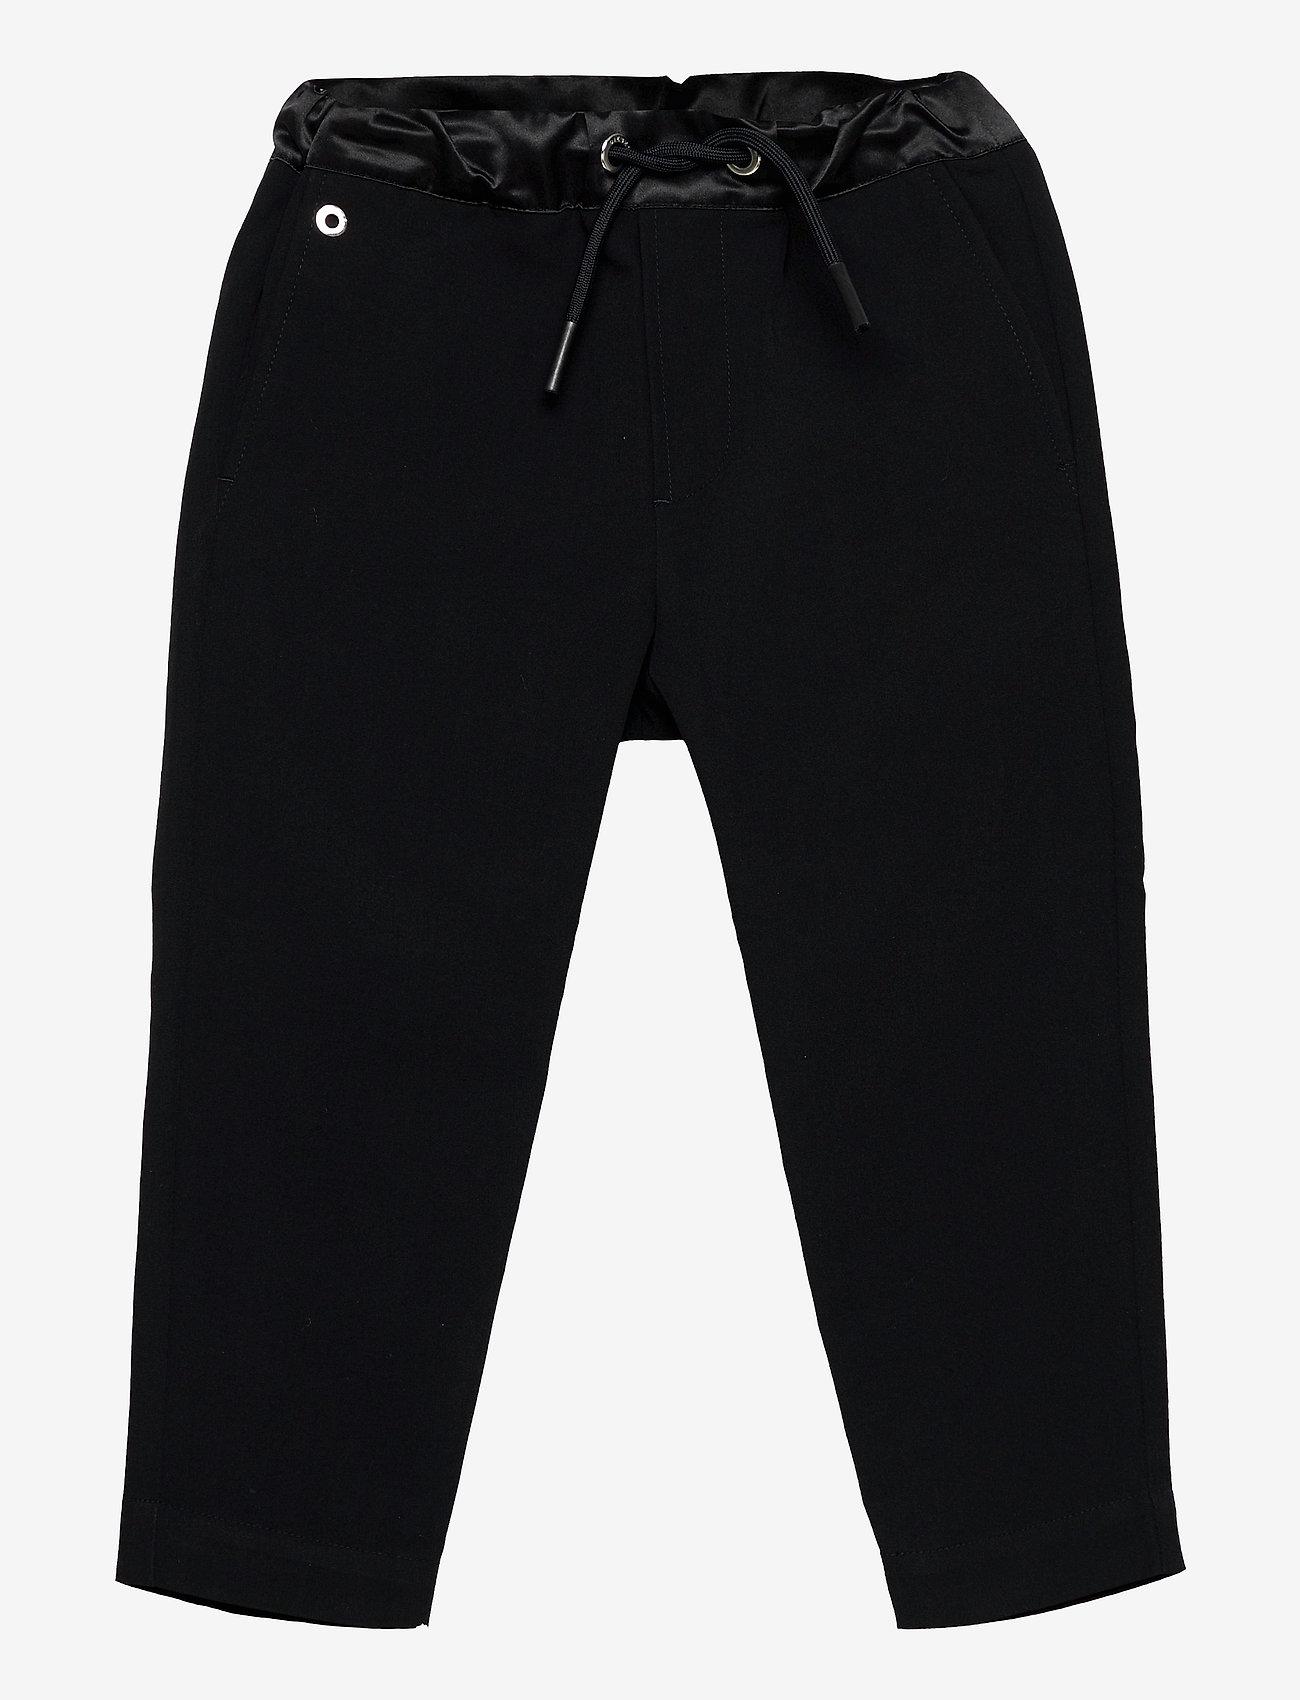 Diesel - PRUSTI TROUSERS - trousers - nero - 0